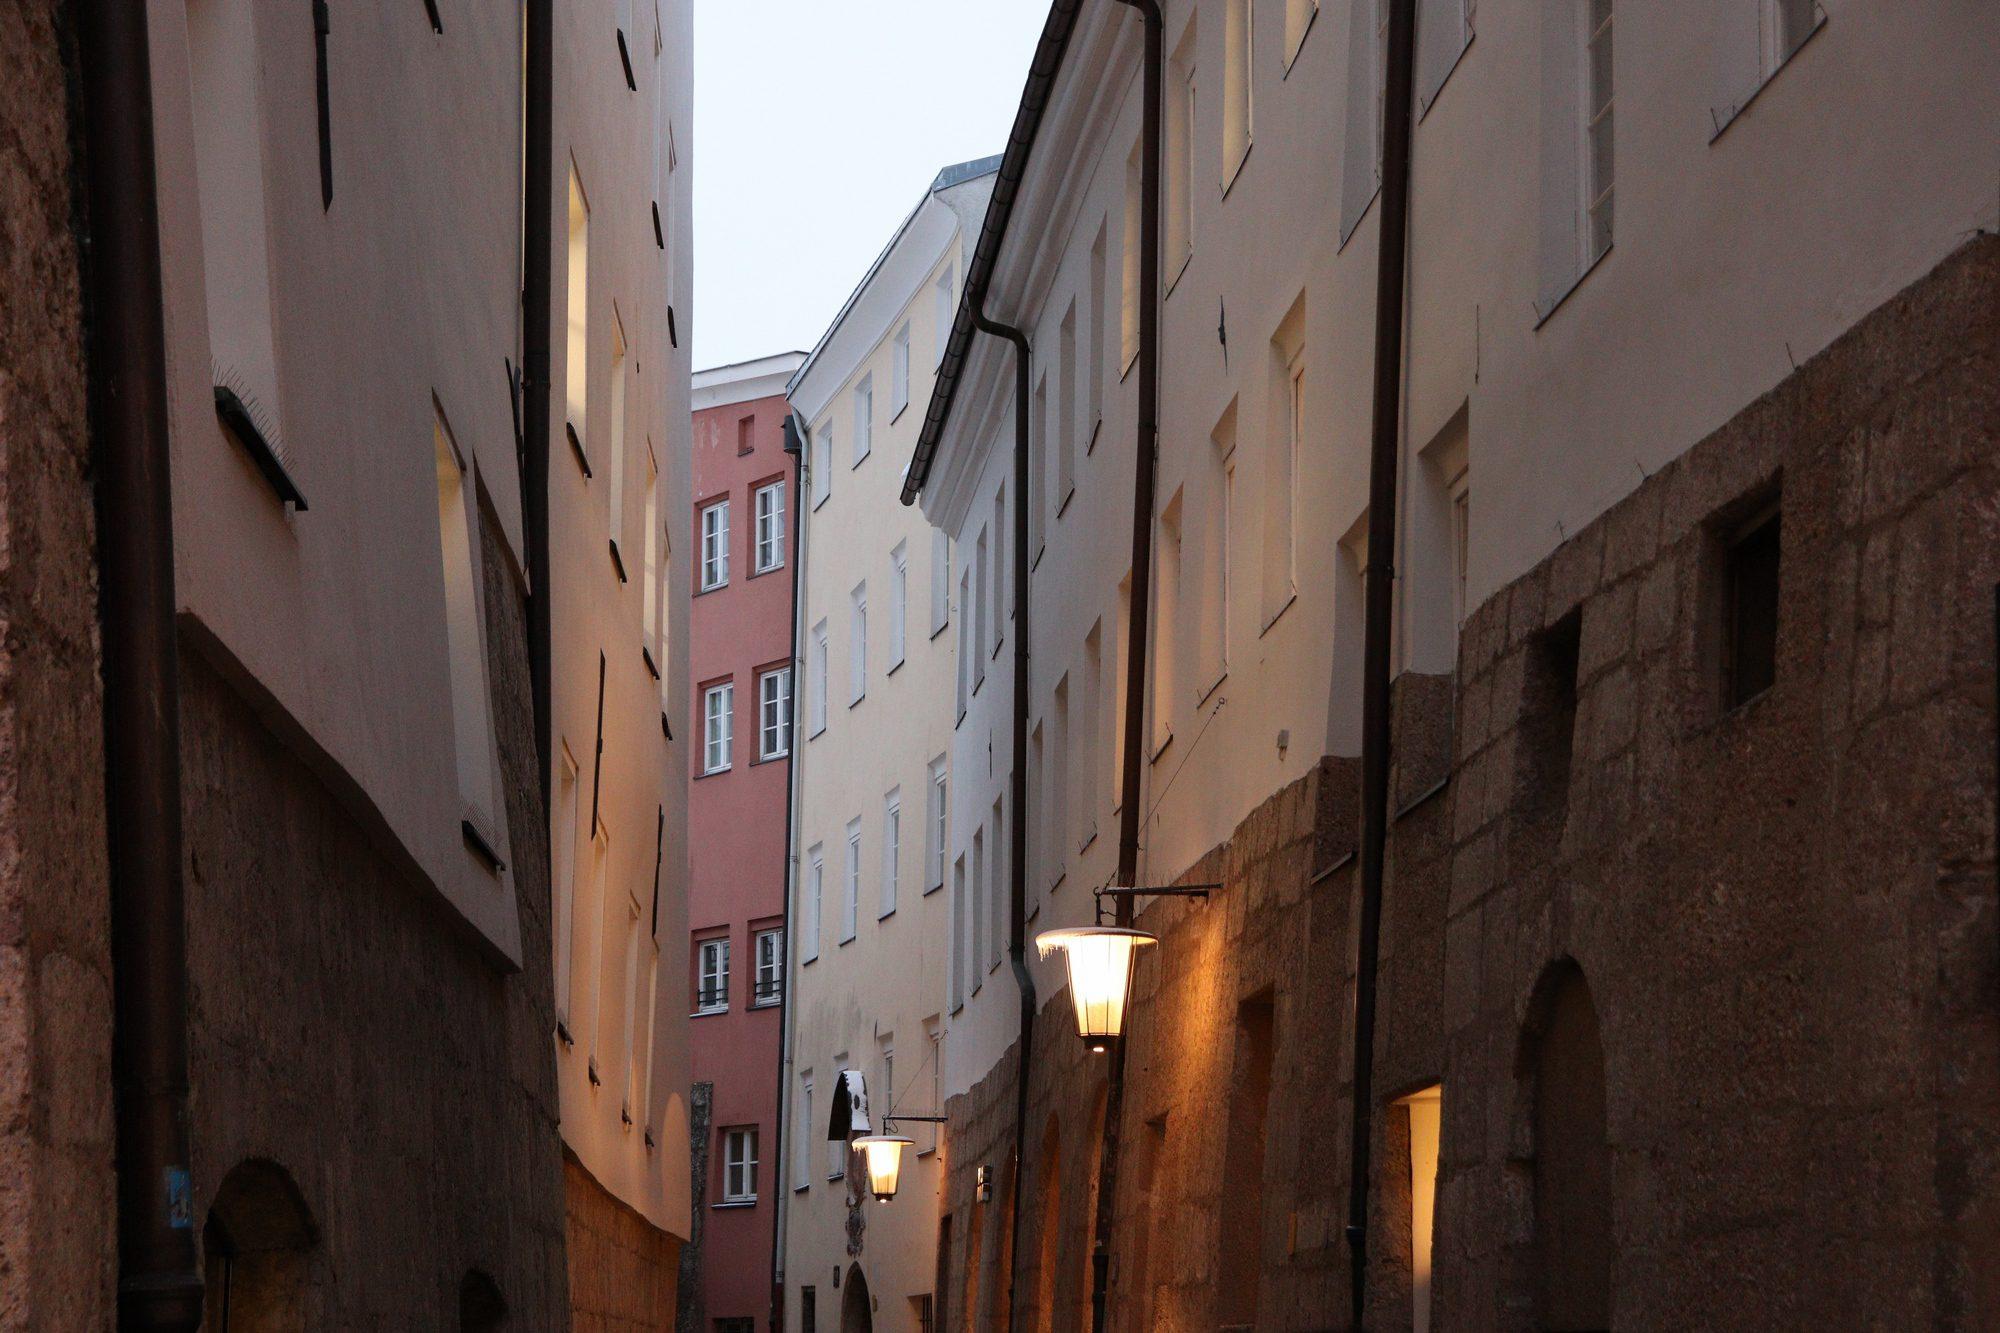 Gasse in Innsbruck